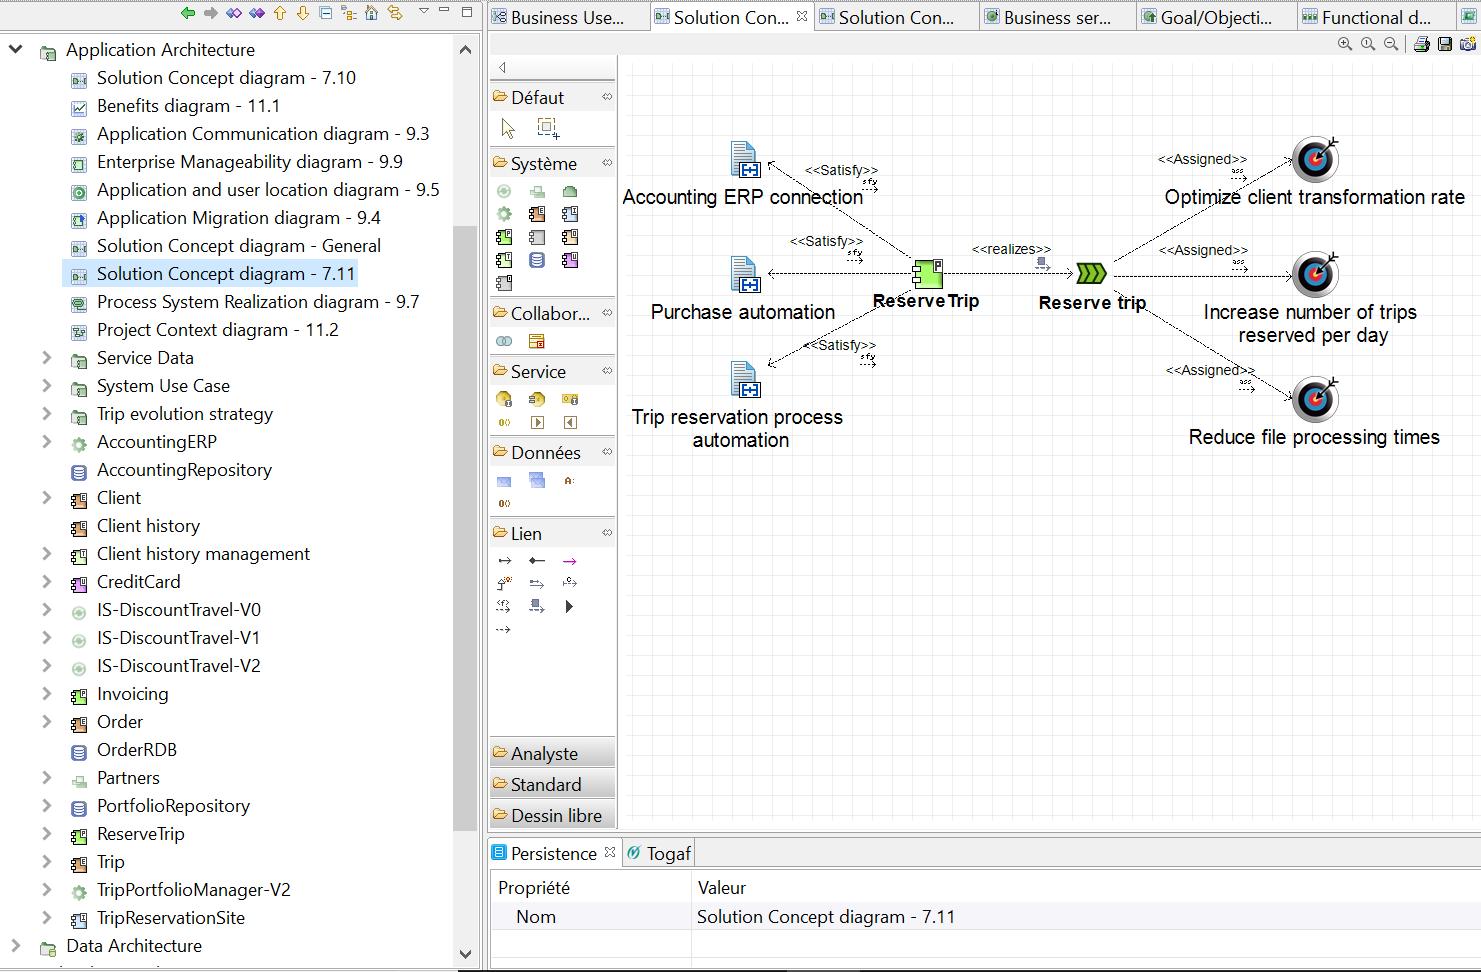 diagramme-togaf-des-concepts-de-la-solution-avec-les-liens-objectifs-et-exigences.png